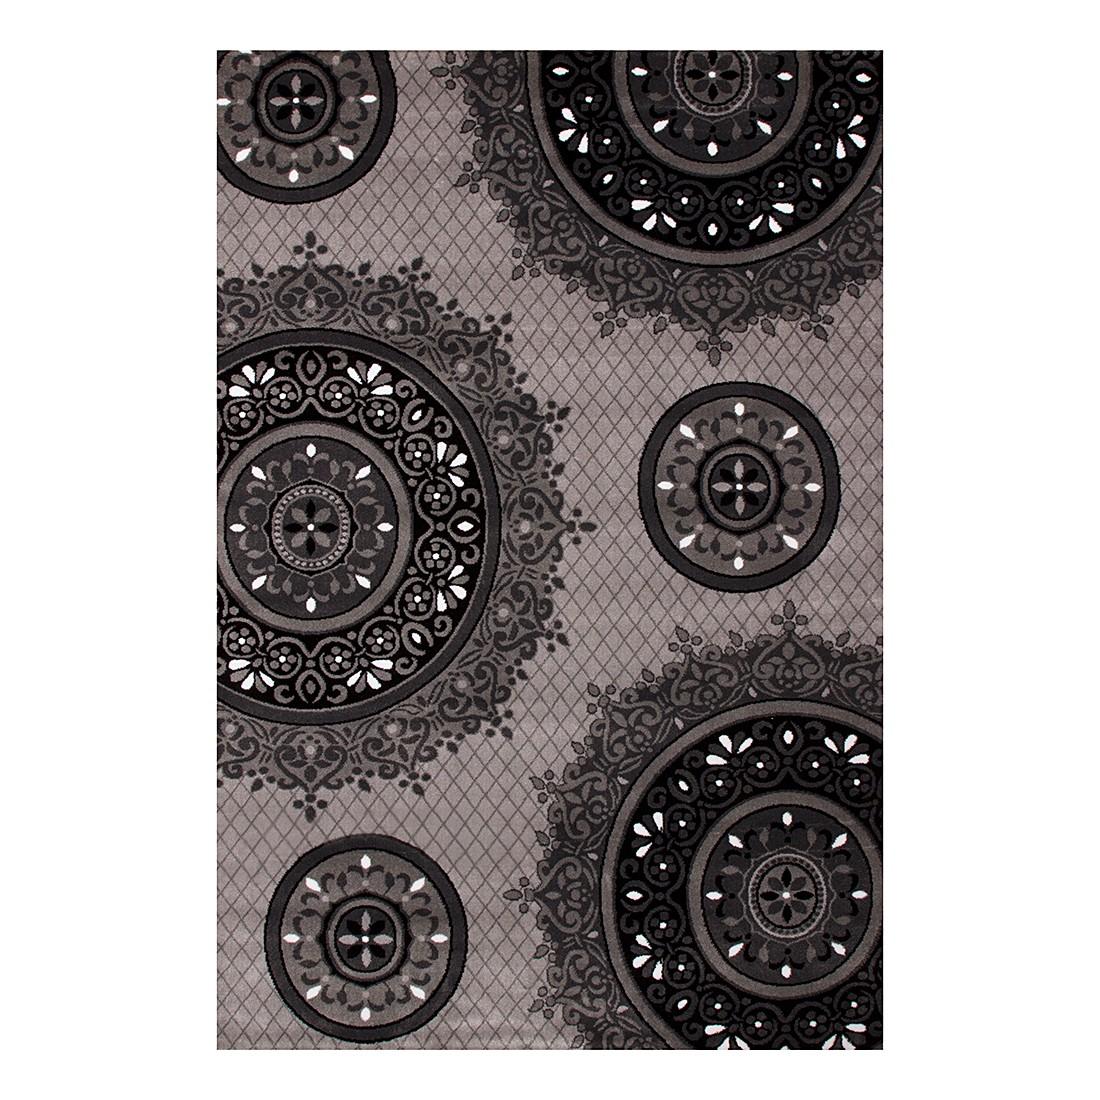 Teppich Merlo – Silber – 200 x 290 cm, Kayoom kaufen